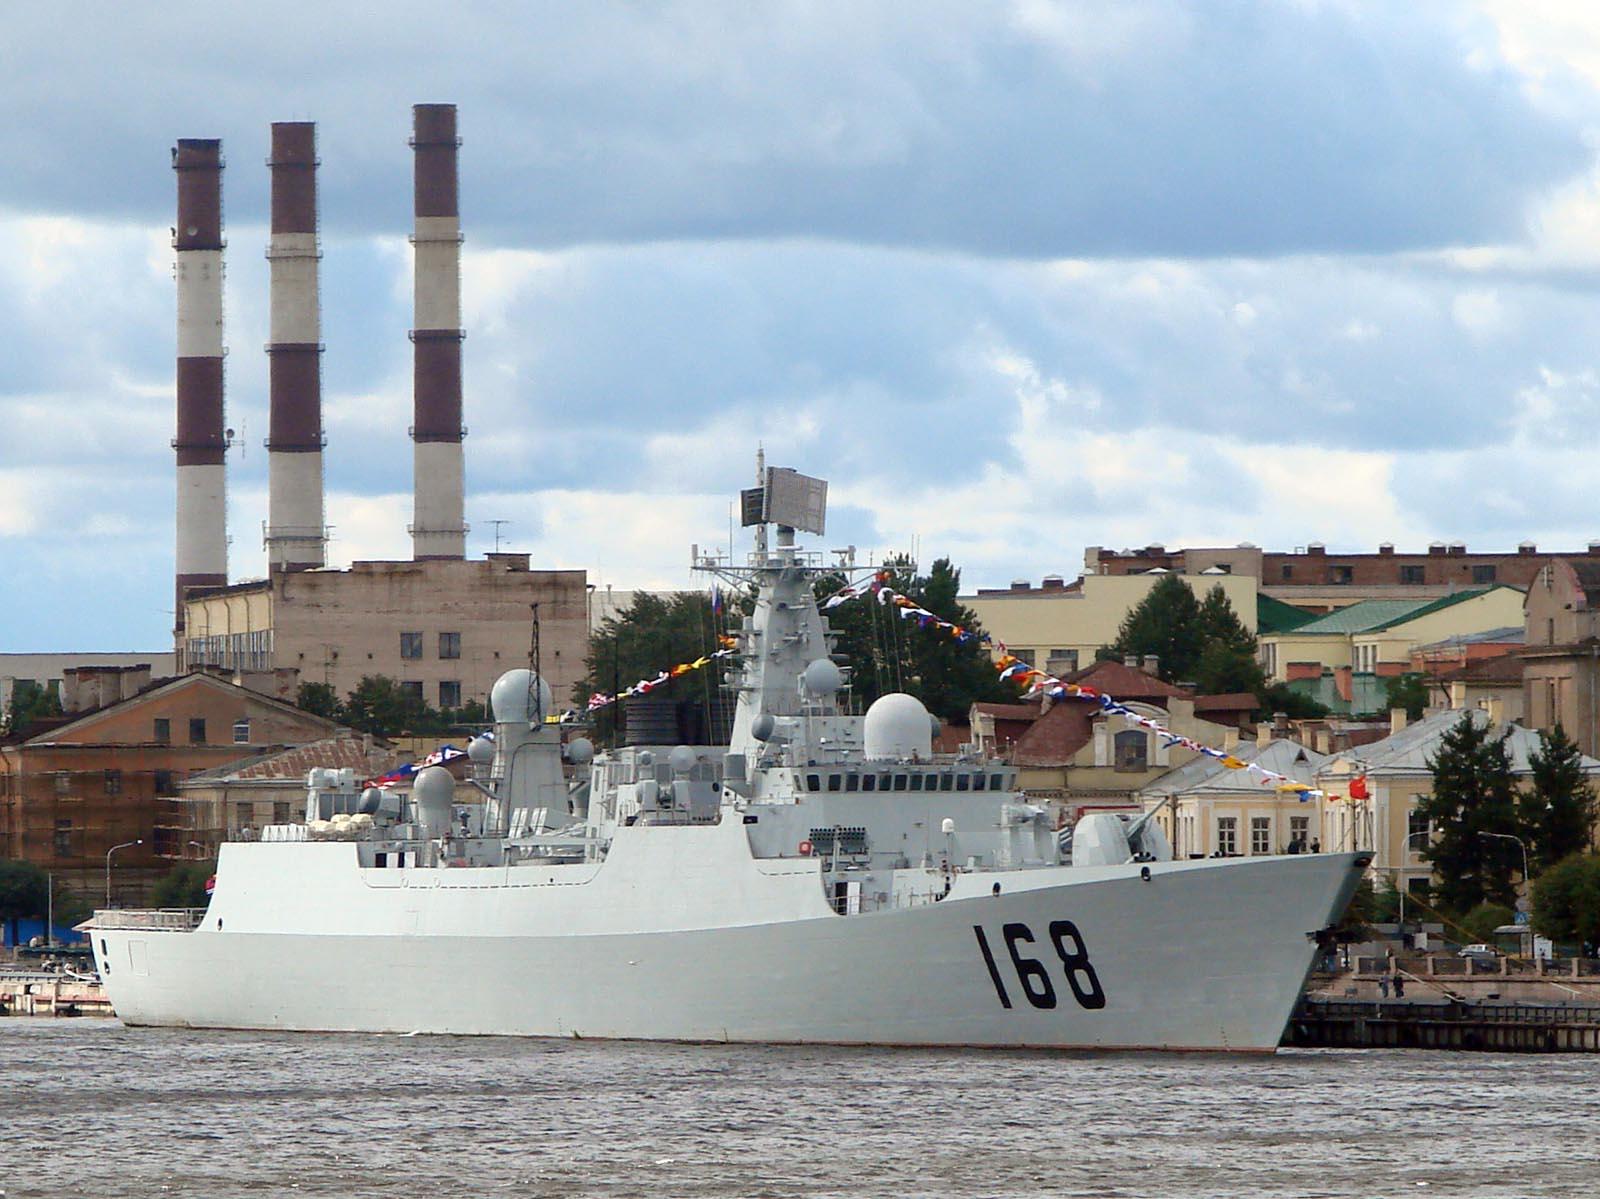 البحرية المصرية....السيناريو الشرقي!!! Type_052B_Guangzhou_in_Leningrad